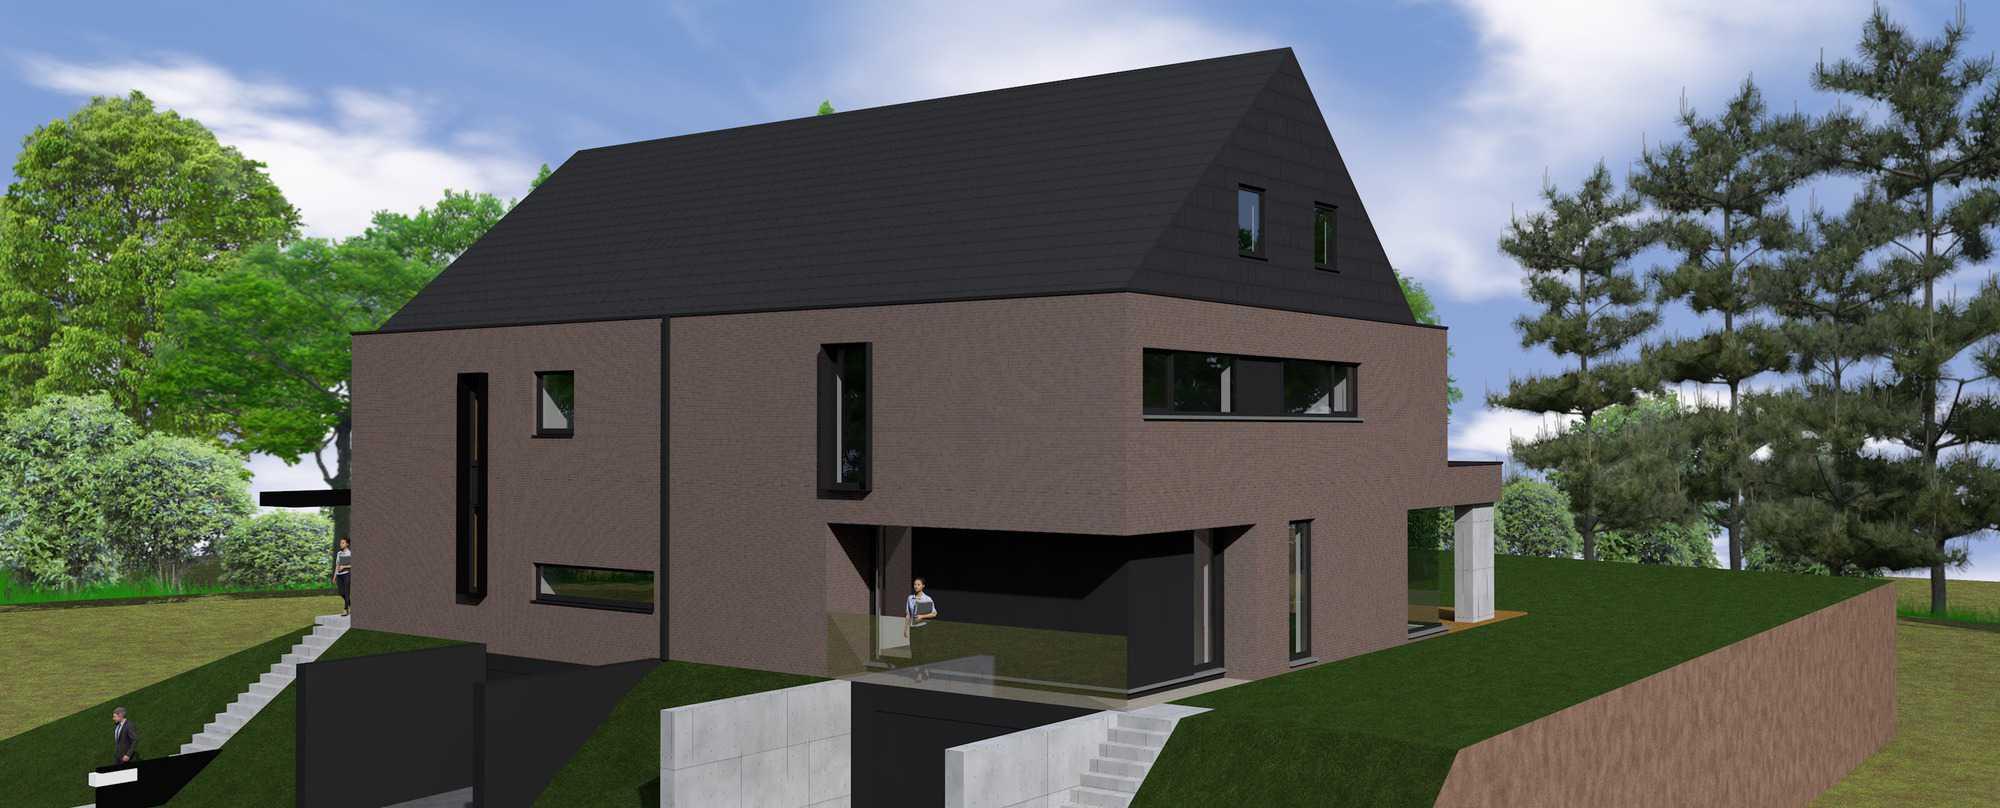 Detail afbeelding 2 van K & K – Strakke meergeneratie woning | Ontwerp door architect Patrick Strackx